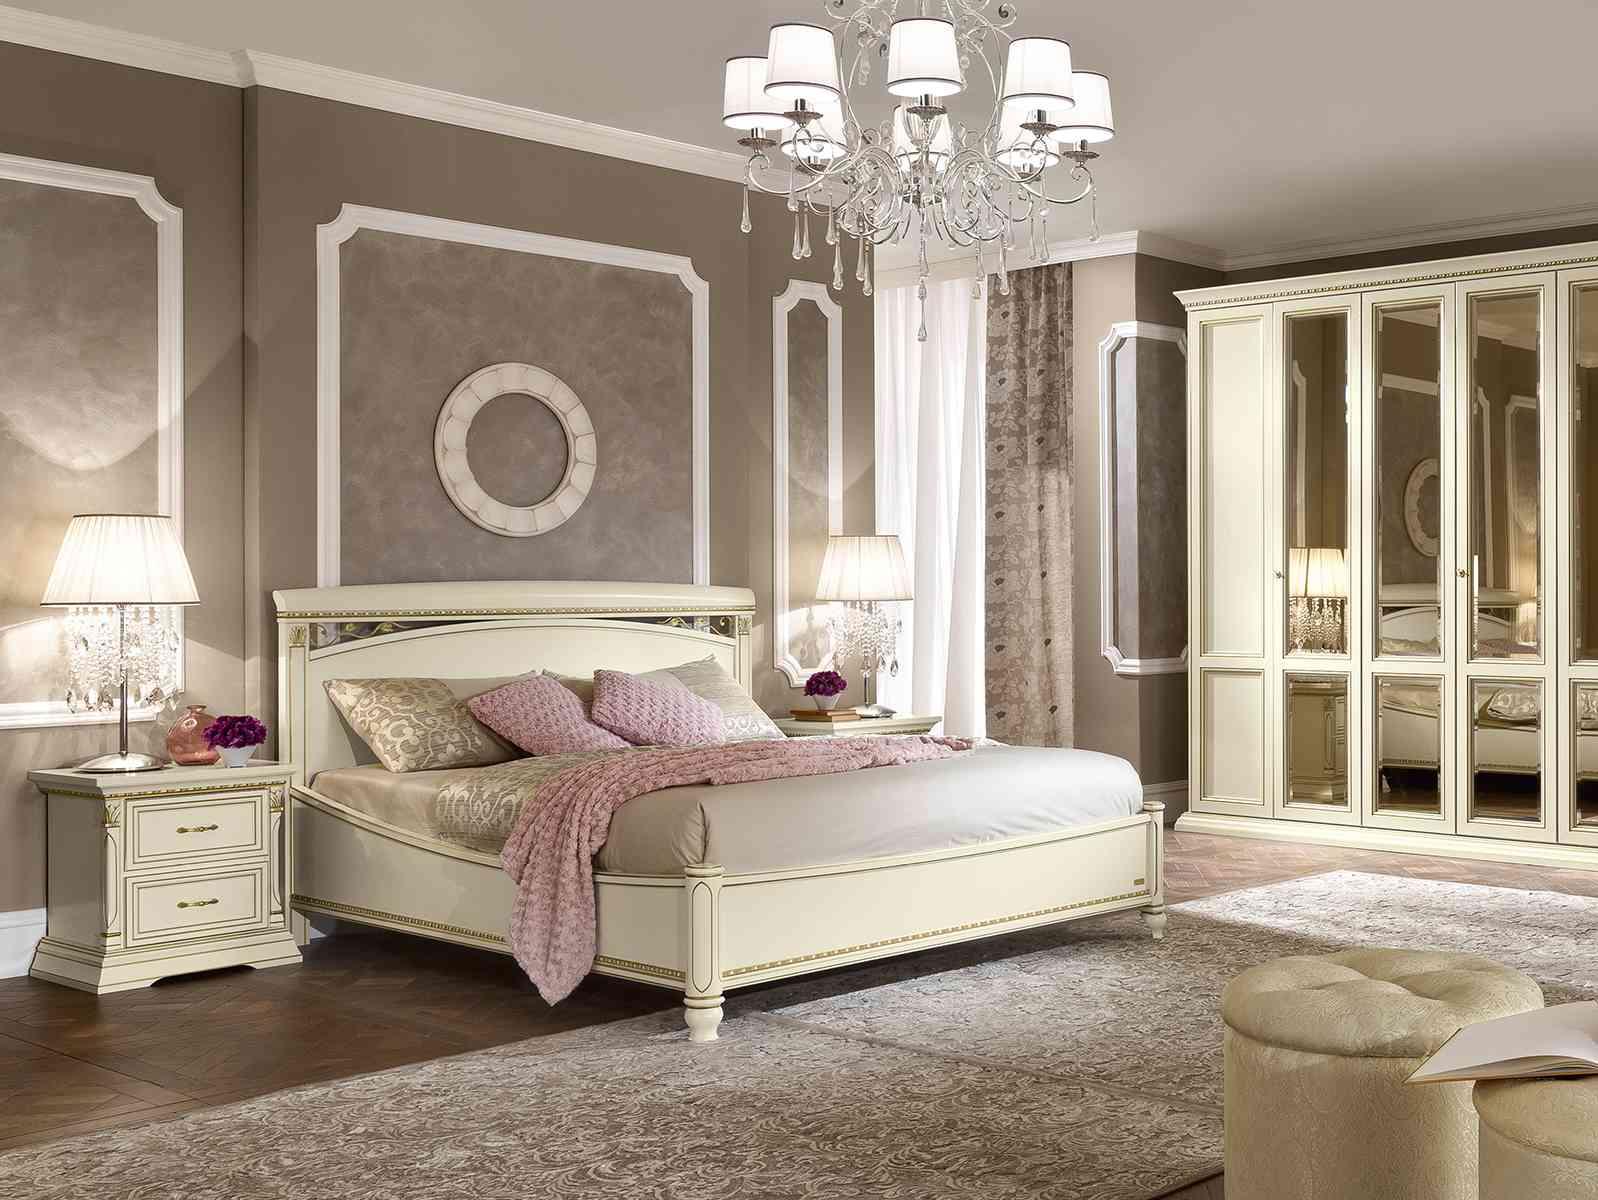 manželská posteľ s dreveným čelom